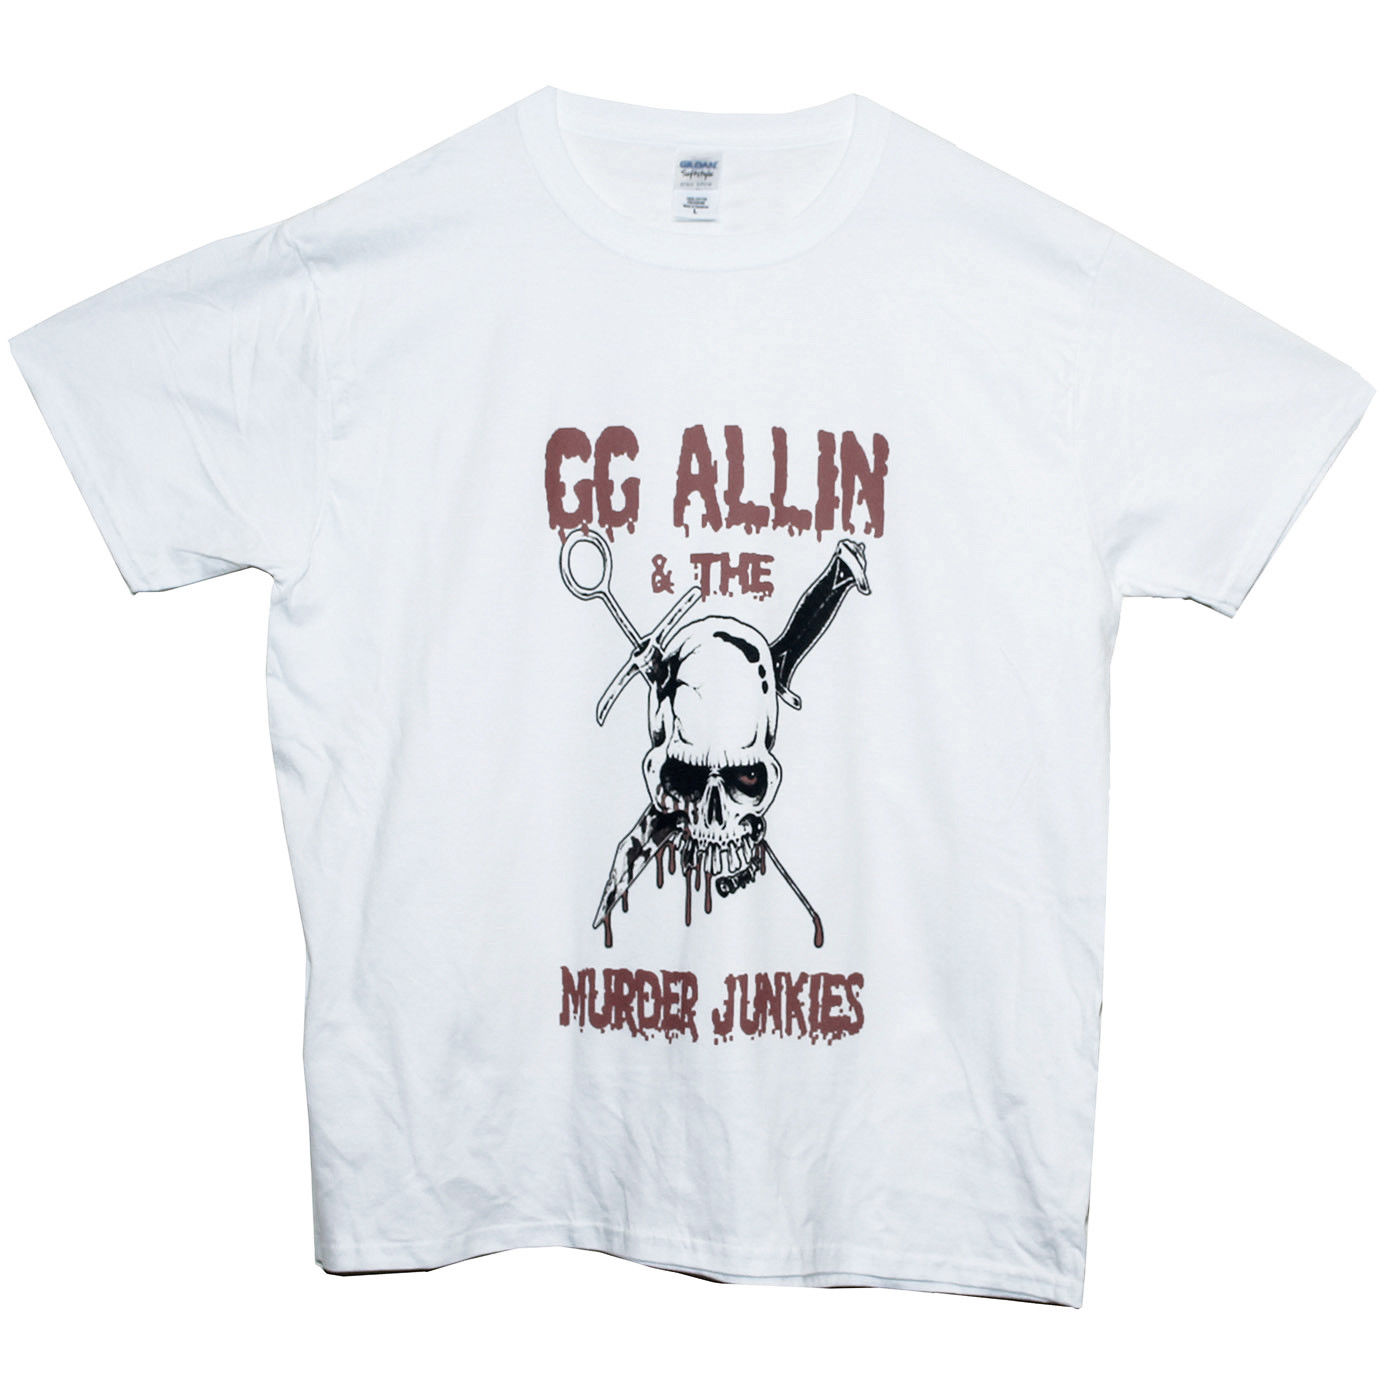 Gg allin e os viciados assassinato t camisa hardcore punk banda de metal gráfico t